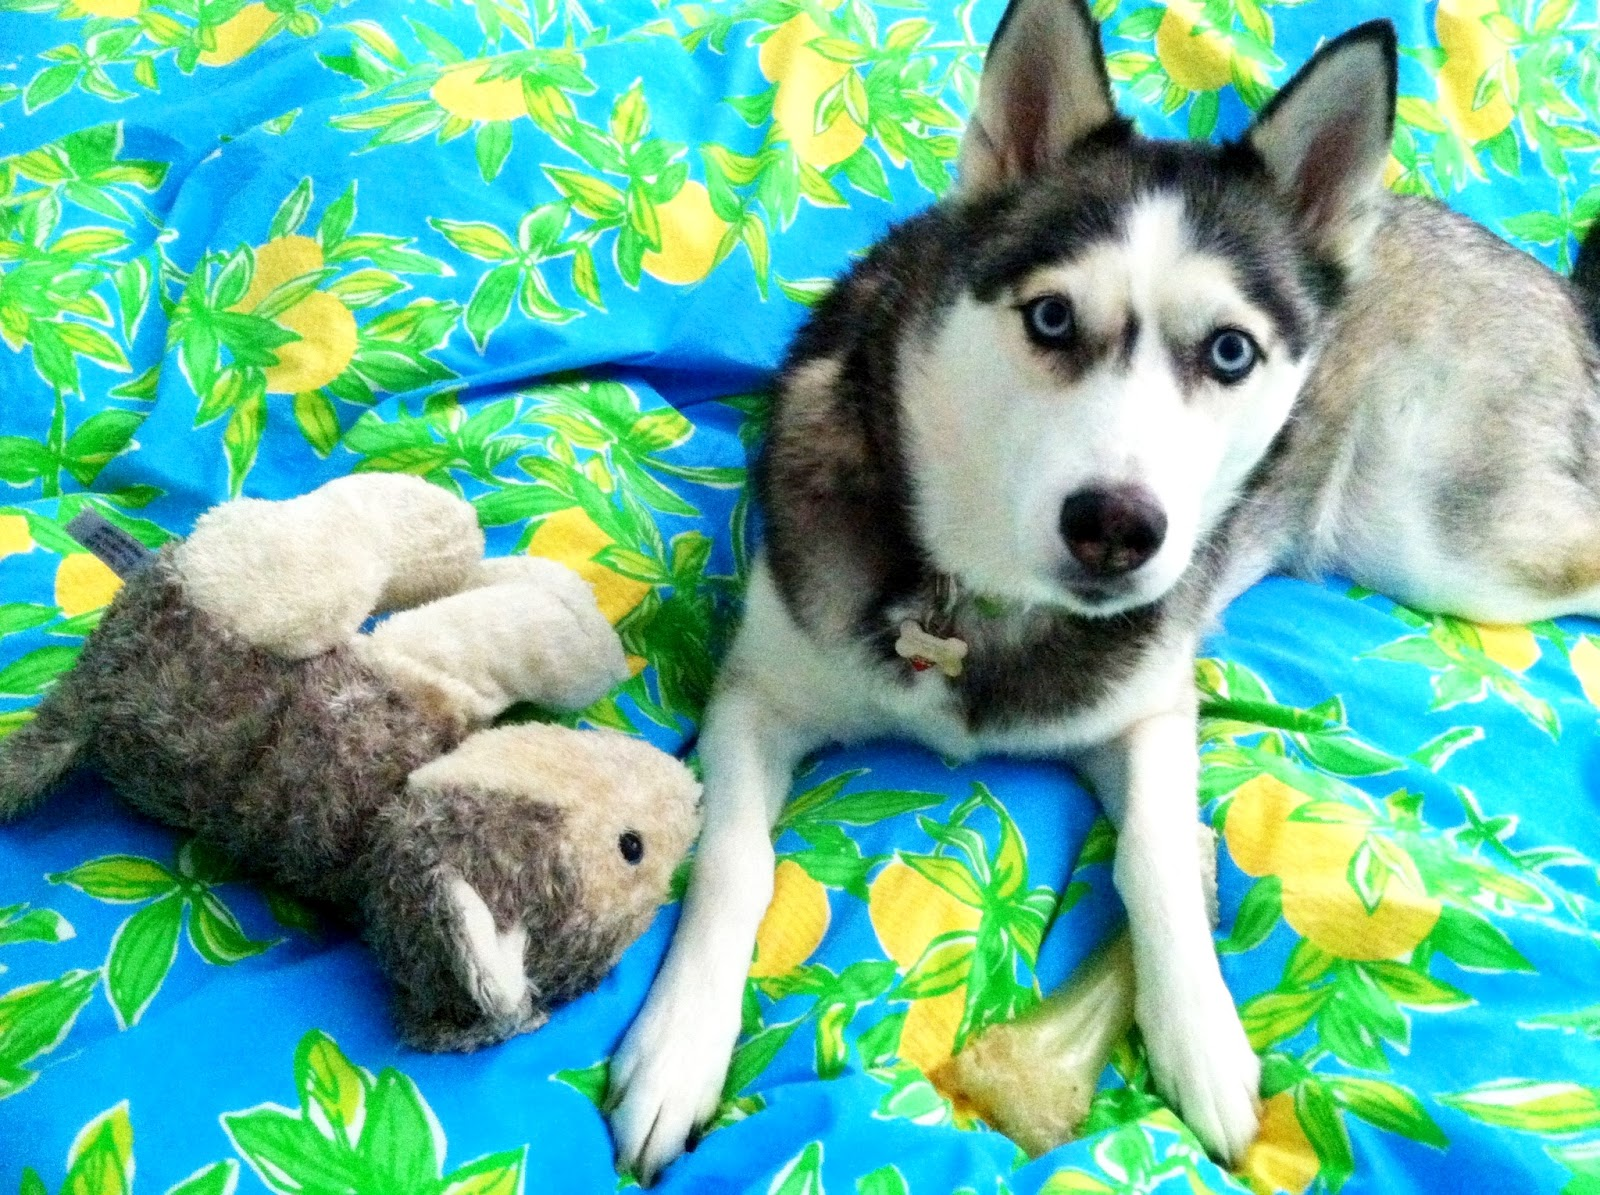 doo-dah!: Puppy Says Good Morning